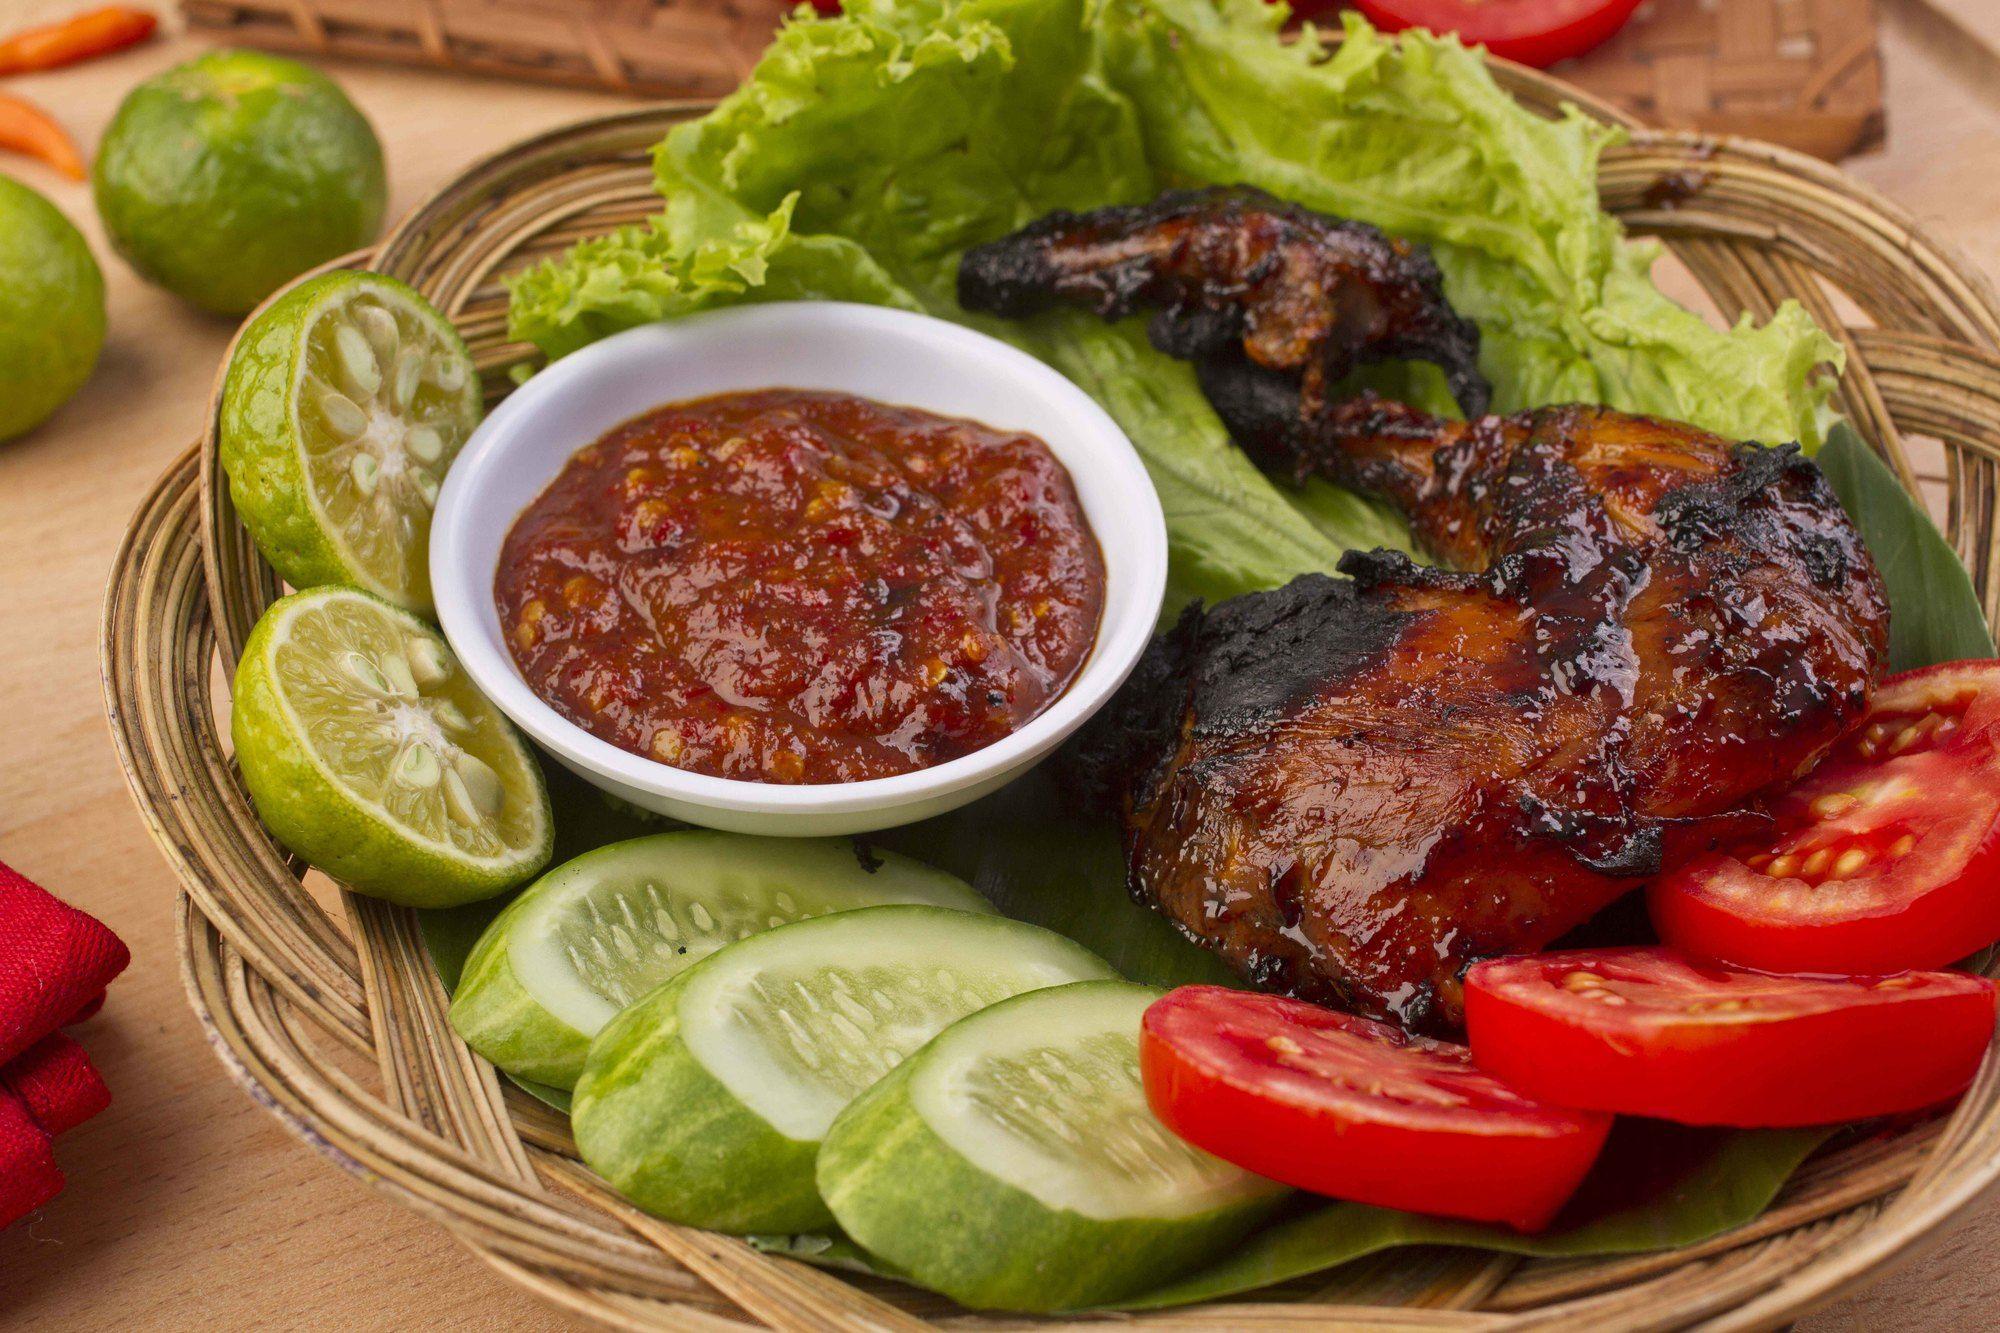 Resep Ayam Bakar Kecap Bango Masak Apa Hari Ini